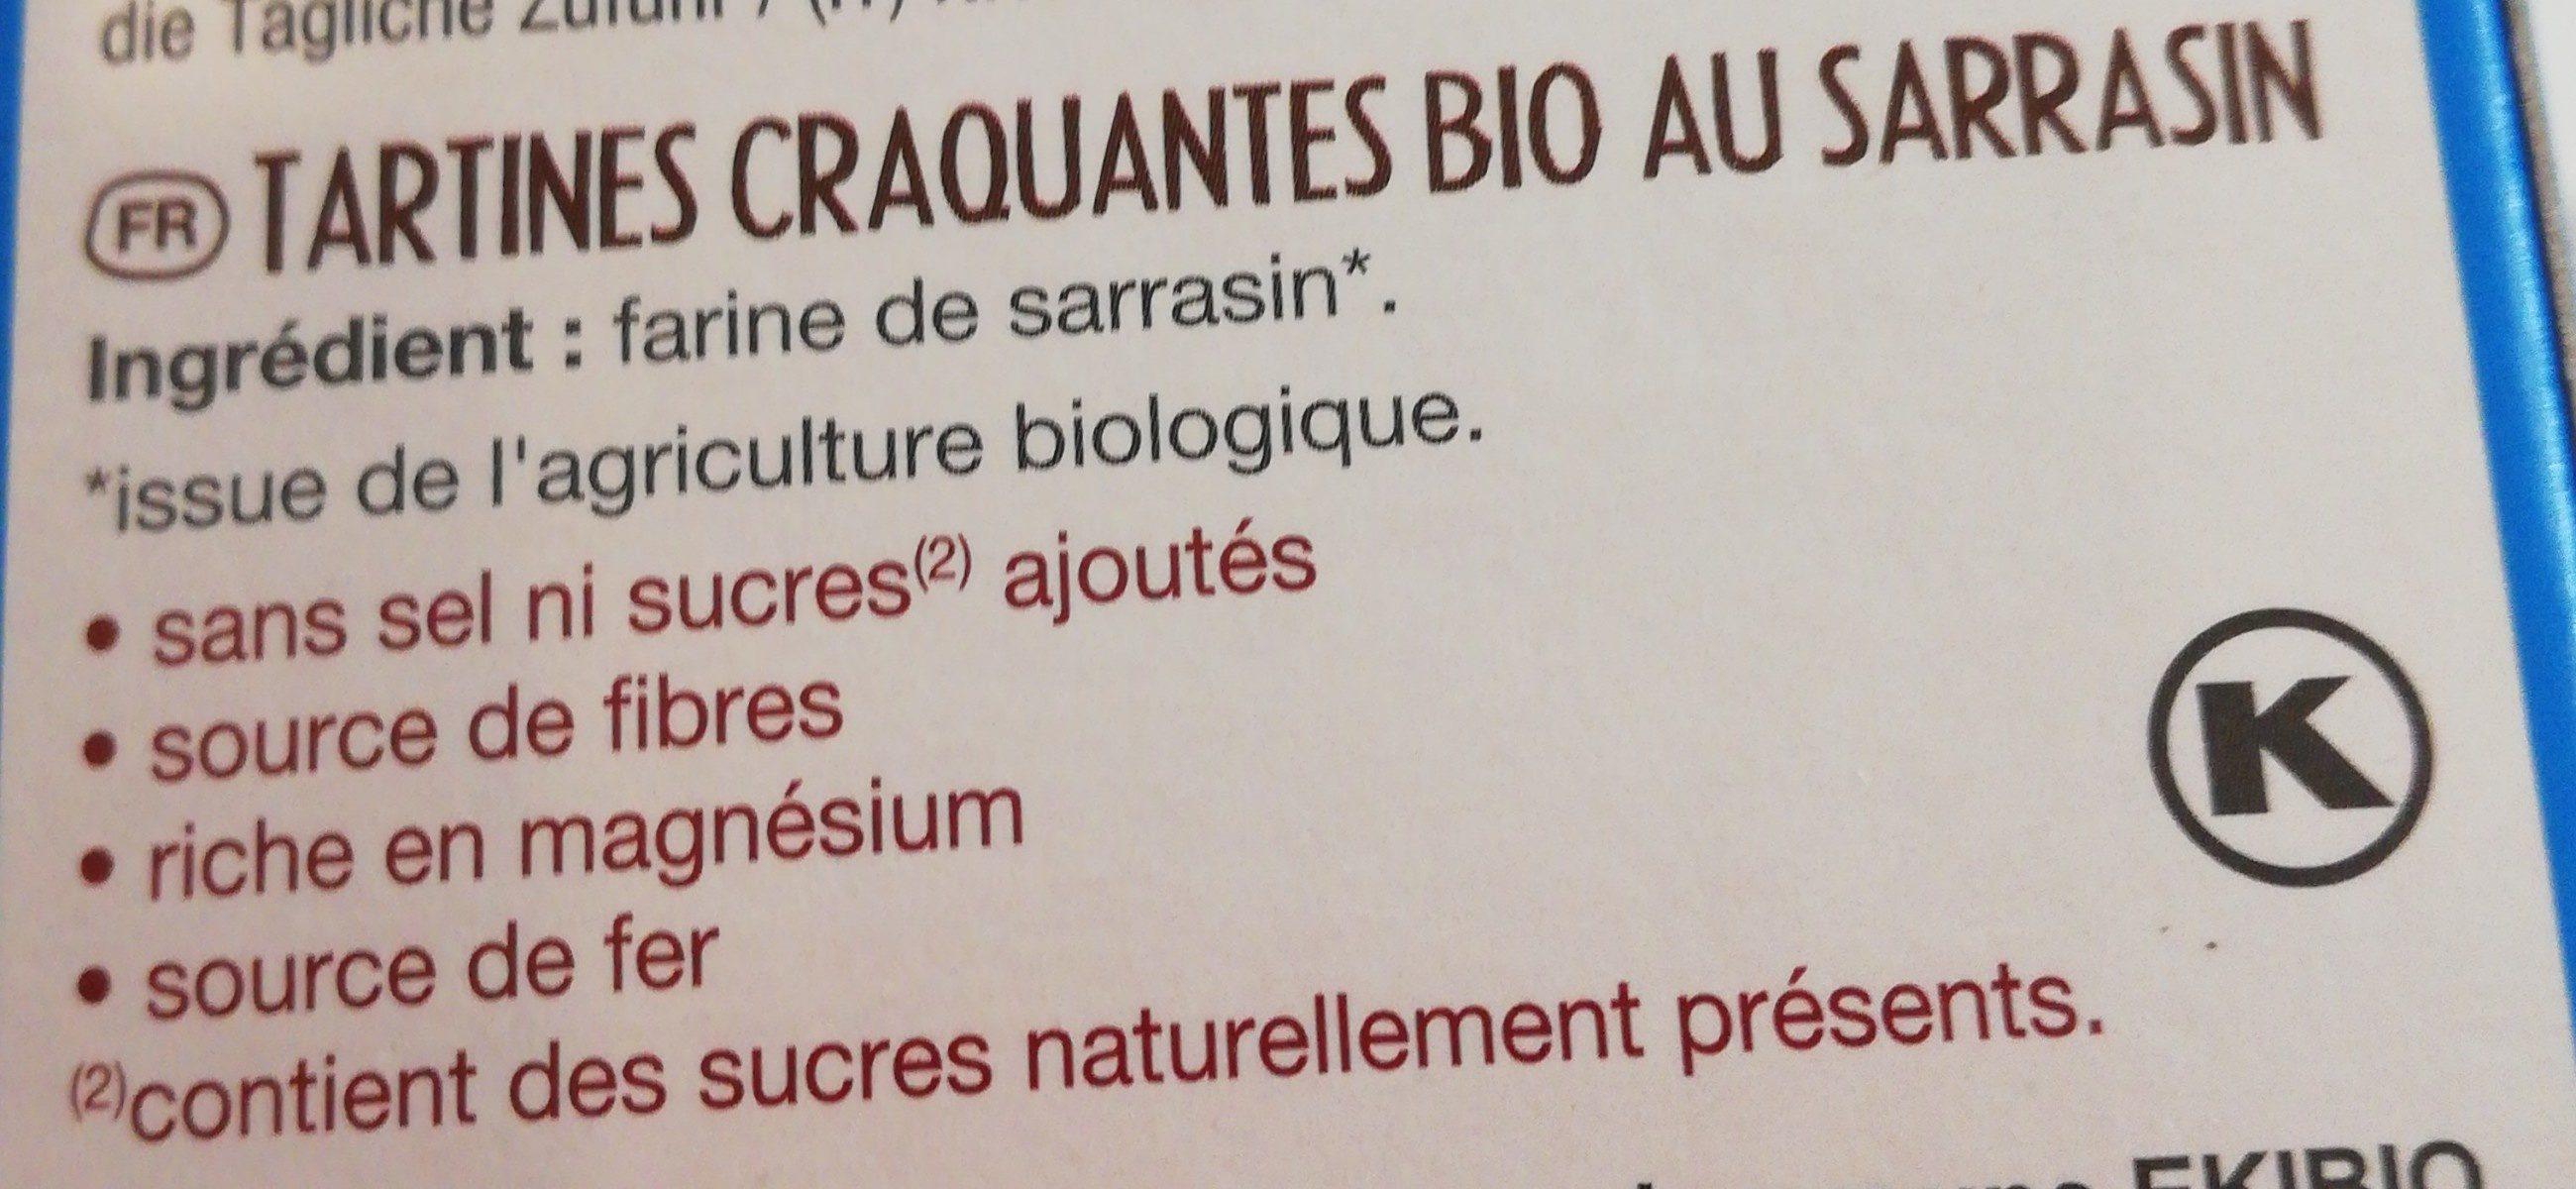 Tartines craquantes bio au Sarrasin - Ingredients